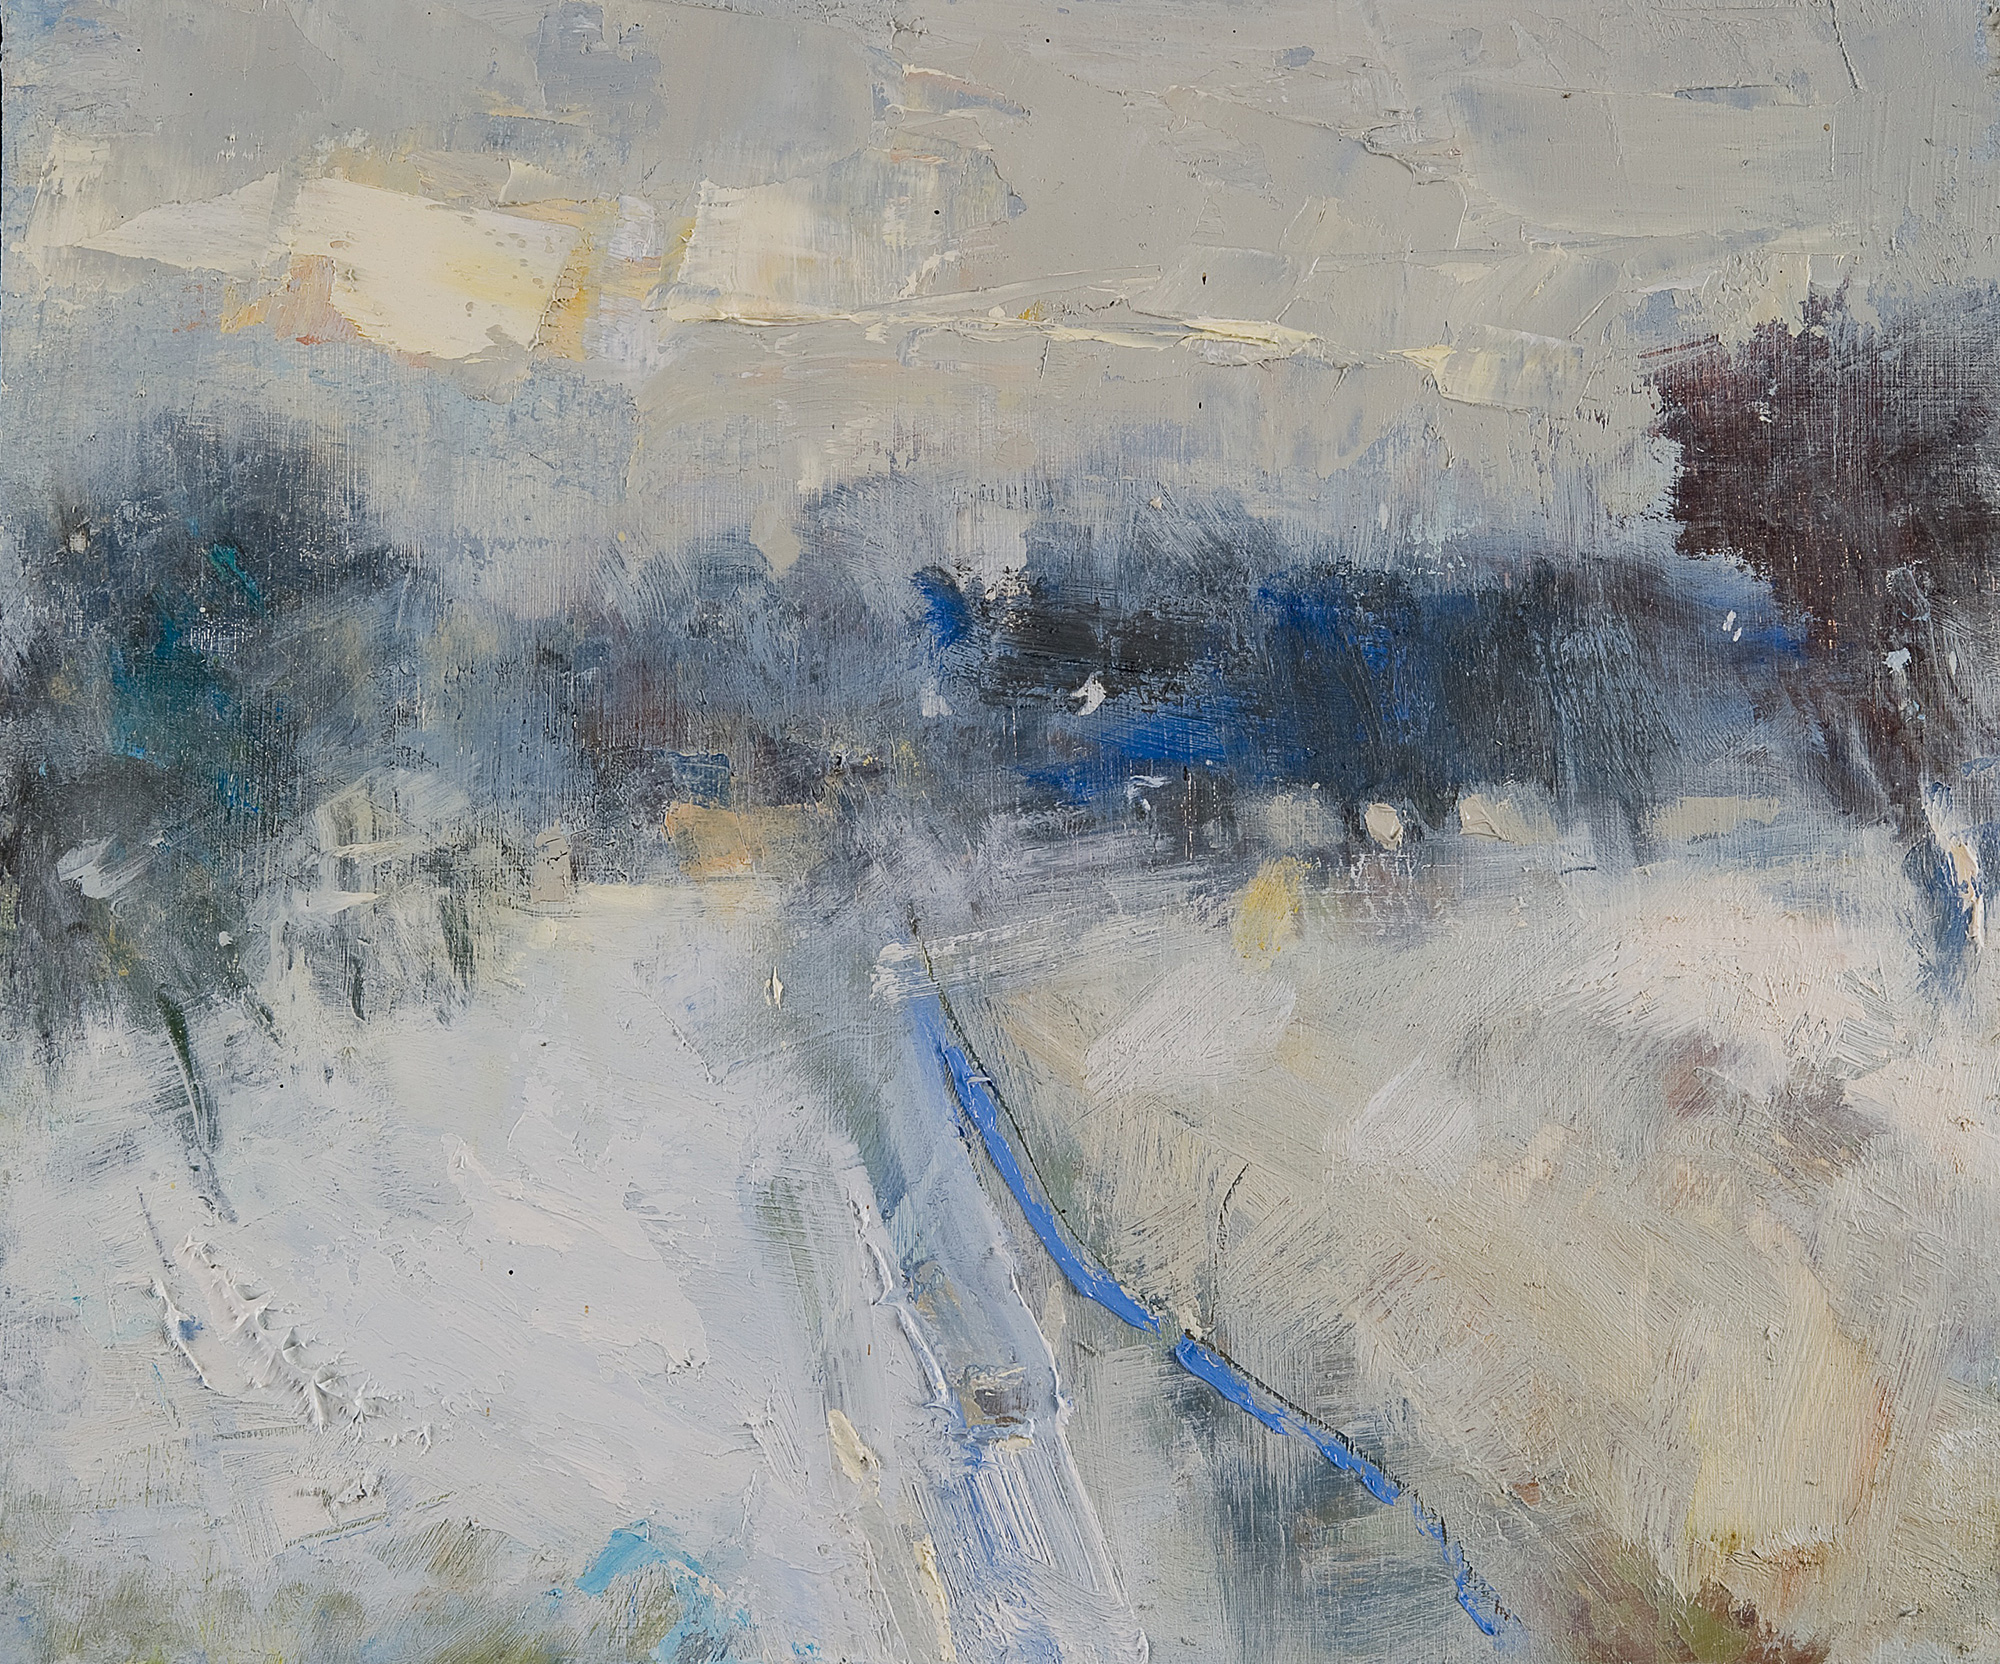 Frozen Winter.  Oil on board. 24 x 30cm.  Sold